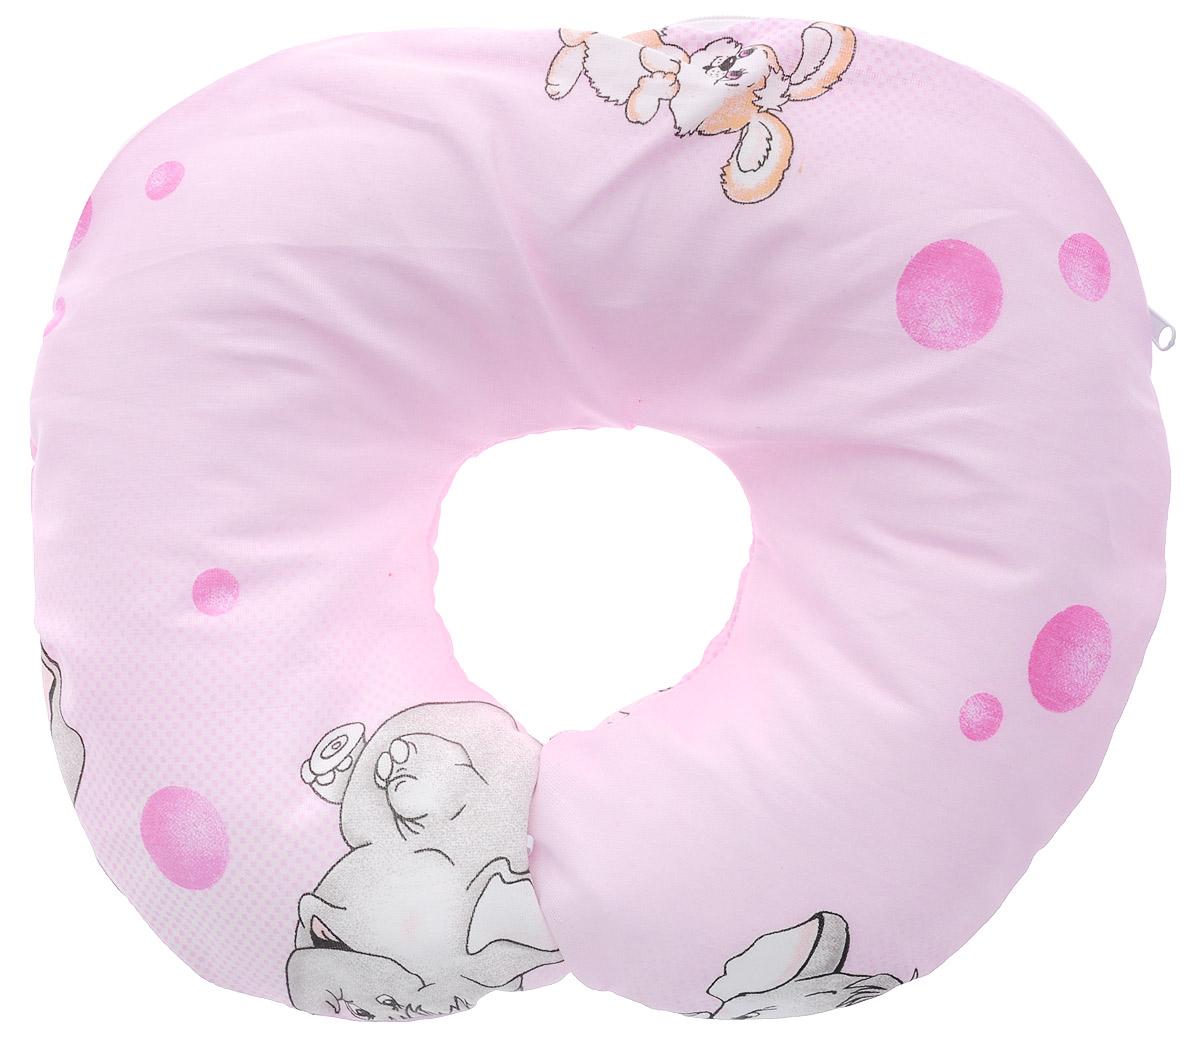 Selby Подушка-воротник для младенца Слон цвет розовый 30 см х 25 см5582_розовый, слонДетская подушка-воротник Selby изготовлена из мягкого натурального хлопка с наполнителем из пенополистирола. Подушка удобна и комфортна. Она поддерживает головку ребенка во время сна, отдыха или купания. Благодаря такой подушке при купании руки у мамы свободны, поэтому можно без труда помыть ребенка, пока он плавает. Подушка фиксируется вокруг шеи. Изделие также идеально подходит для длительных поездок в самолете, машине, коляске или автокресле. Подушка имеет съемный чехол на застежке-молнии. Уход: машинная стирка (40 °C) и деликатный отжим.